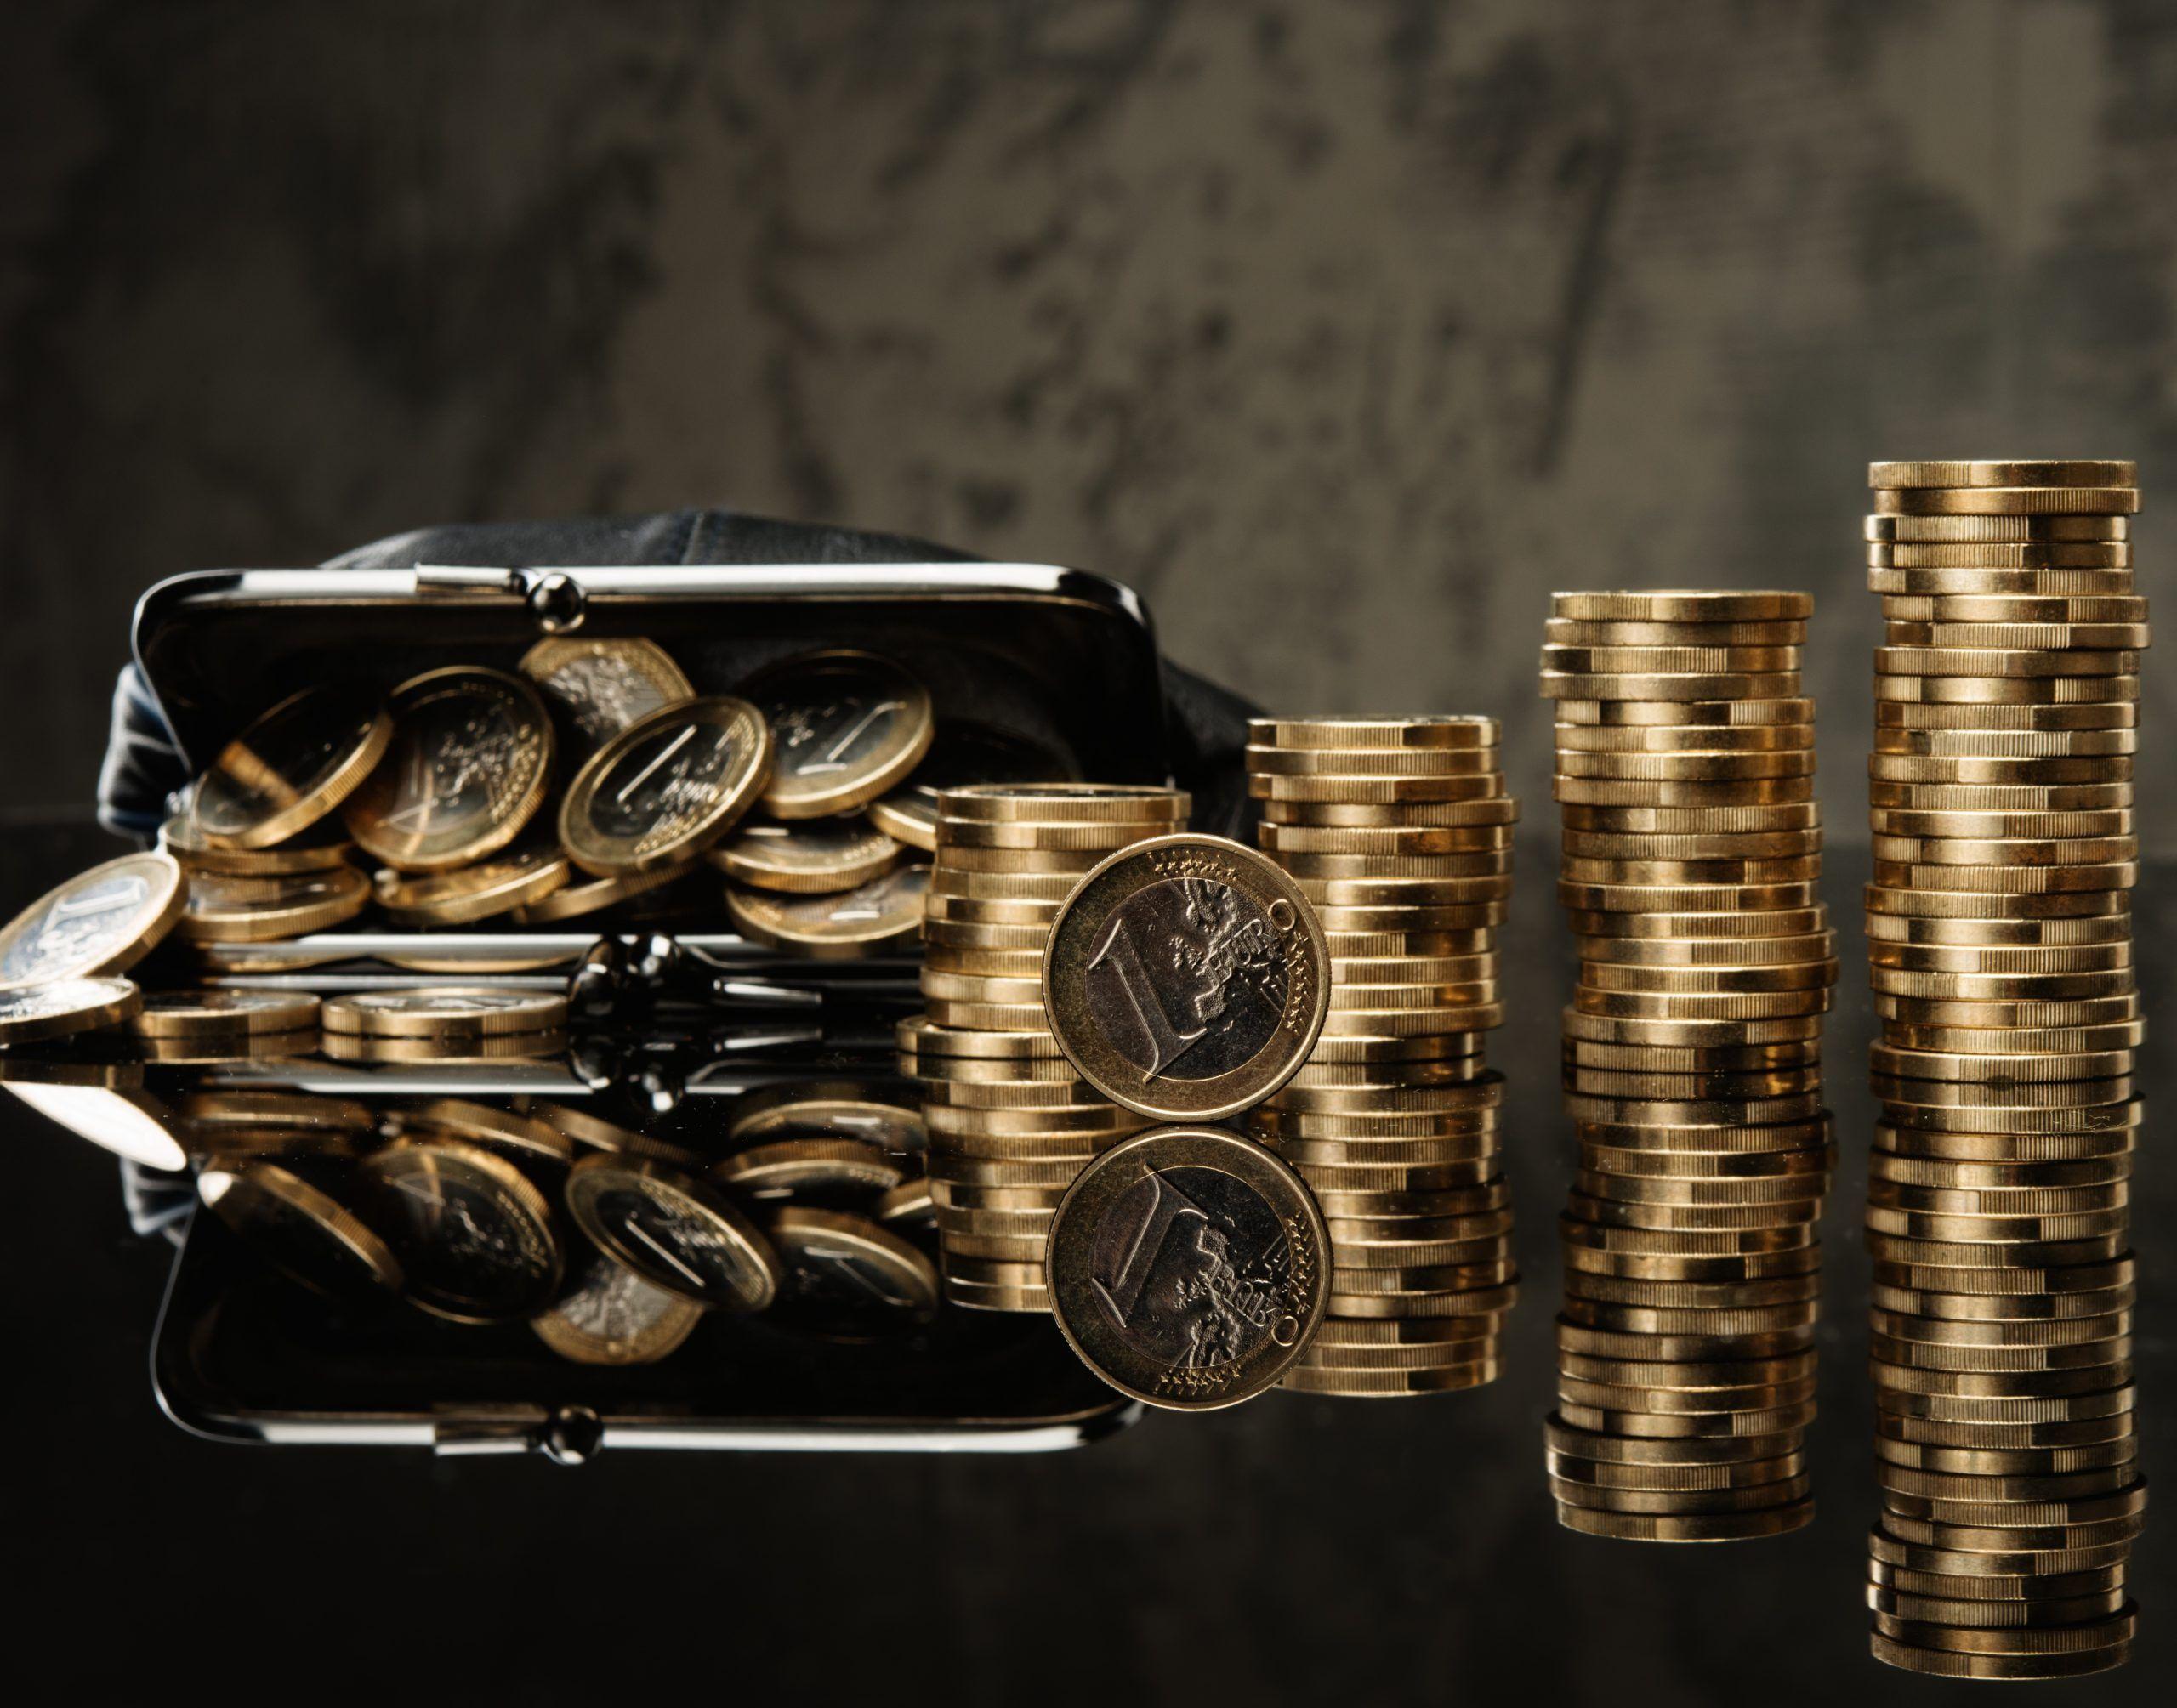 Geld gestapelt in Form von 1 Euro Münzen